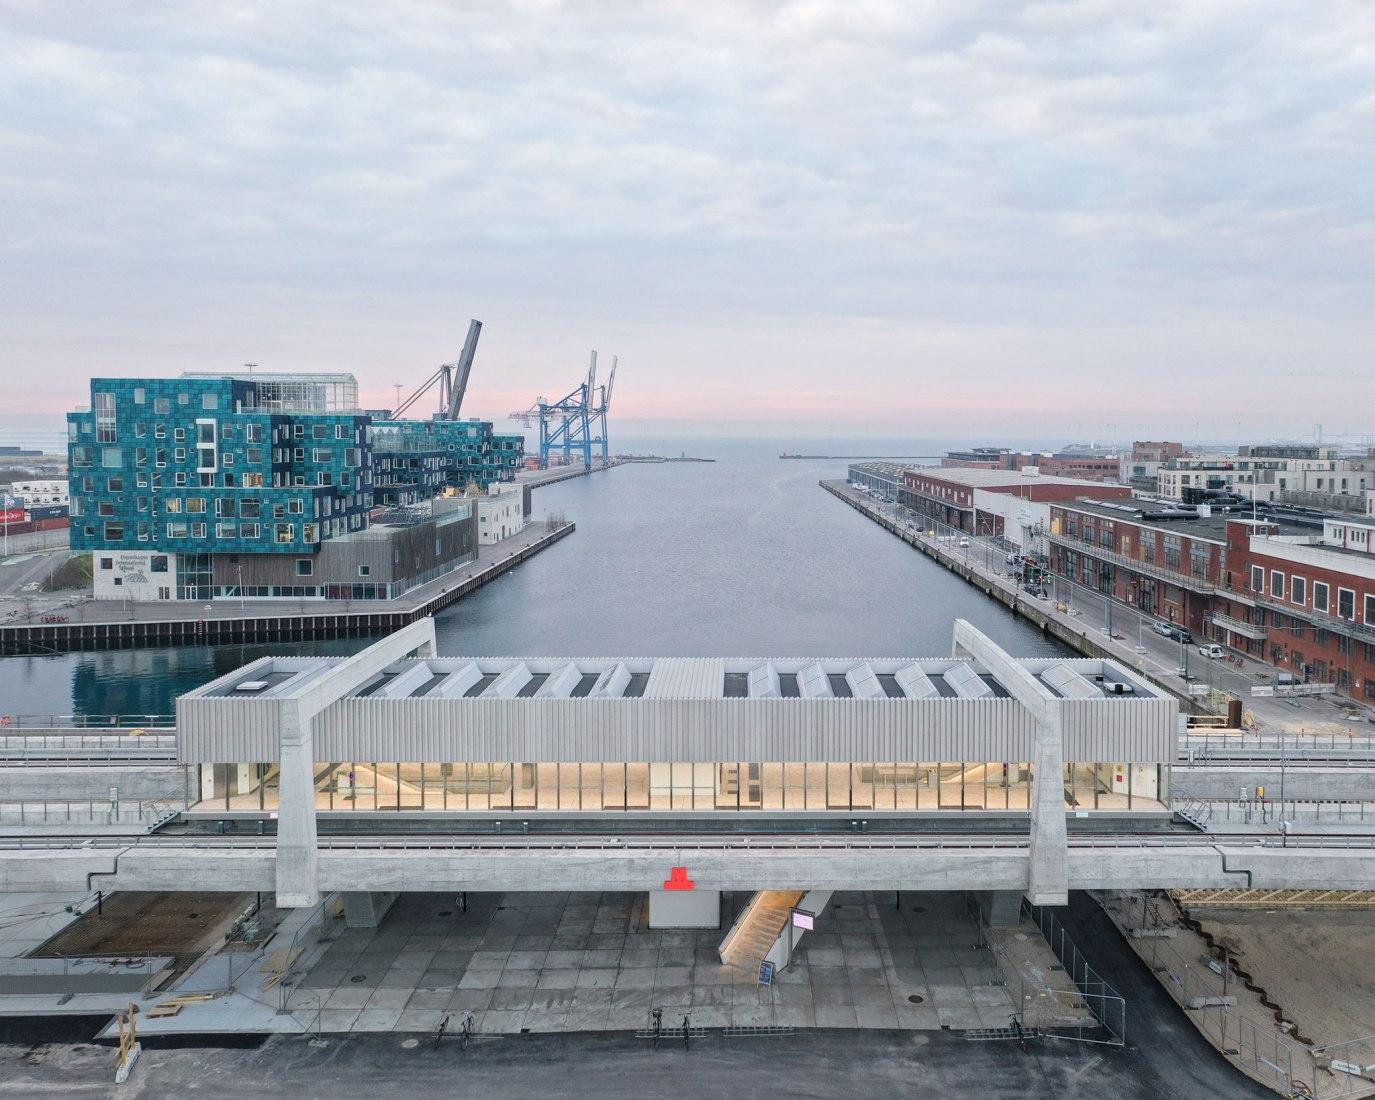 Cobe y Arup han diseñado dos estaciones de metro, ambas ubicadas en la zona de Nordhavn, Nordhavn Station y Orientkaj Station. La nueva línea de metro se abrió en marzo de 2020. Fotografía por Rasmus Hjortshøj - COAST.